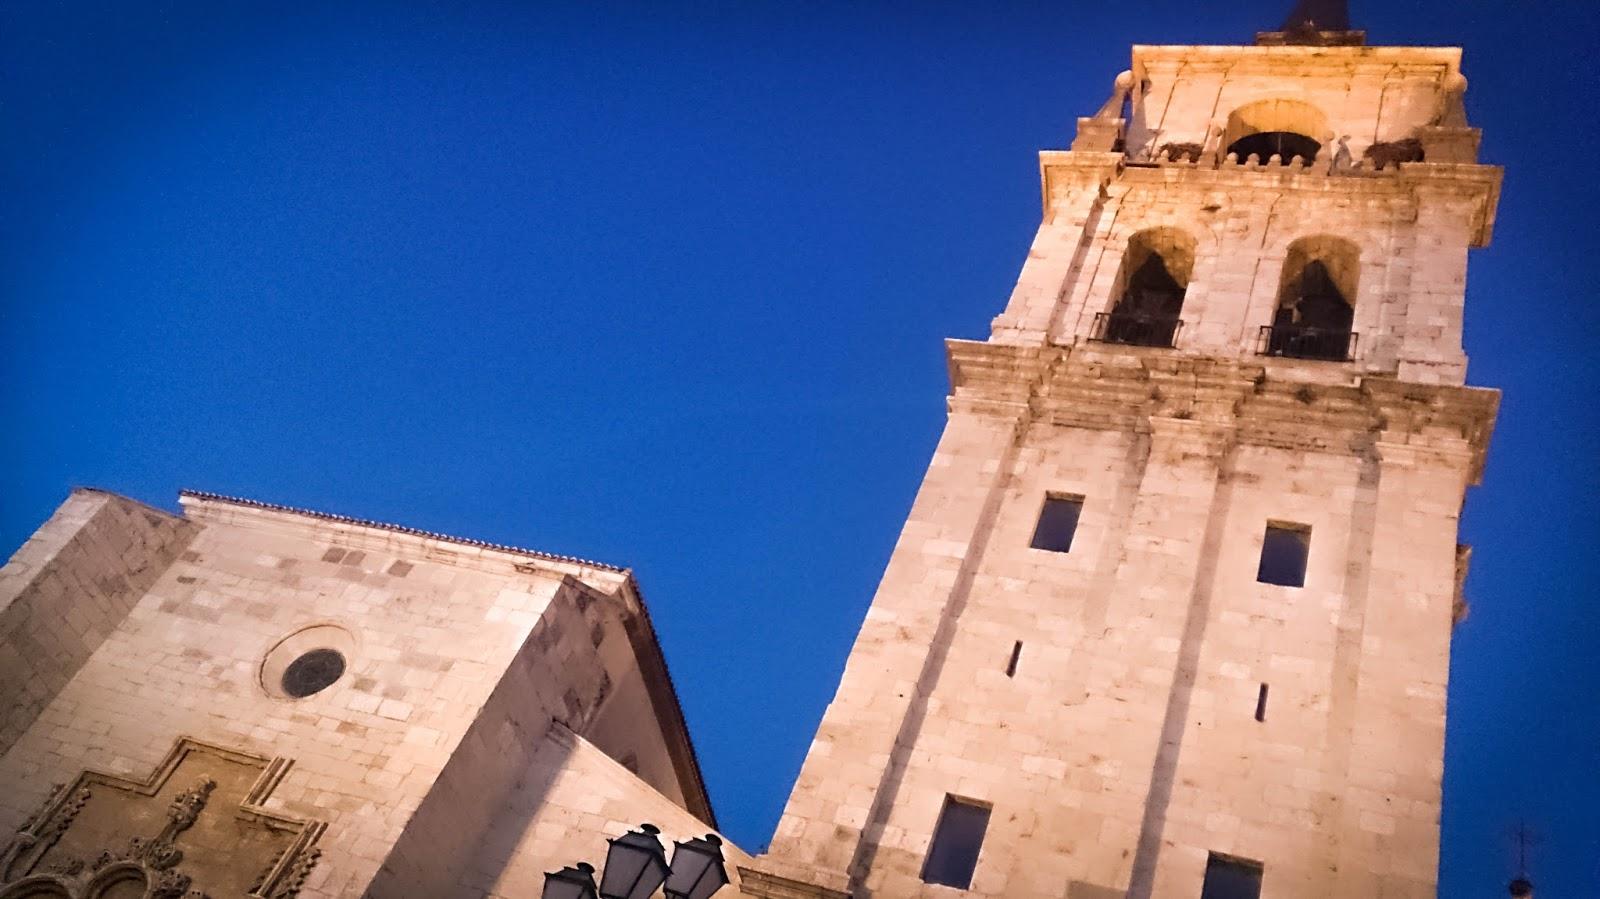 alcala de henares, catedral, semana cervantina, cervantes, feria medieval, noche, turismo, lugares, 2014, madrid